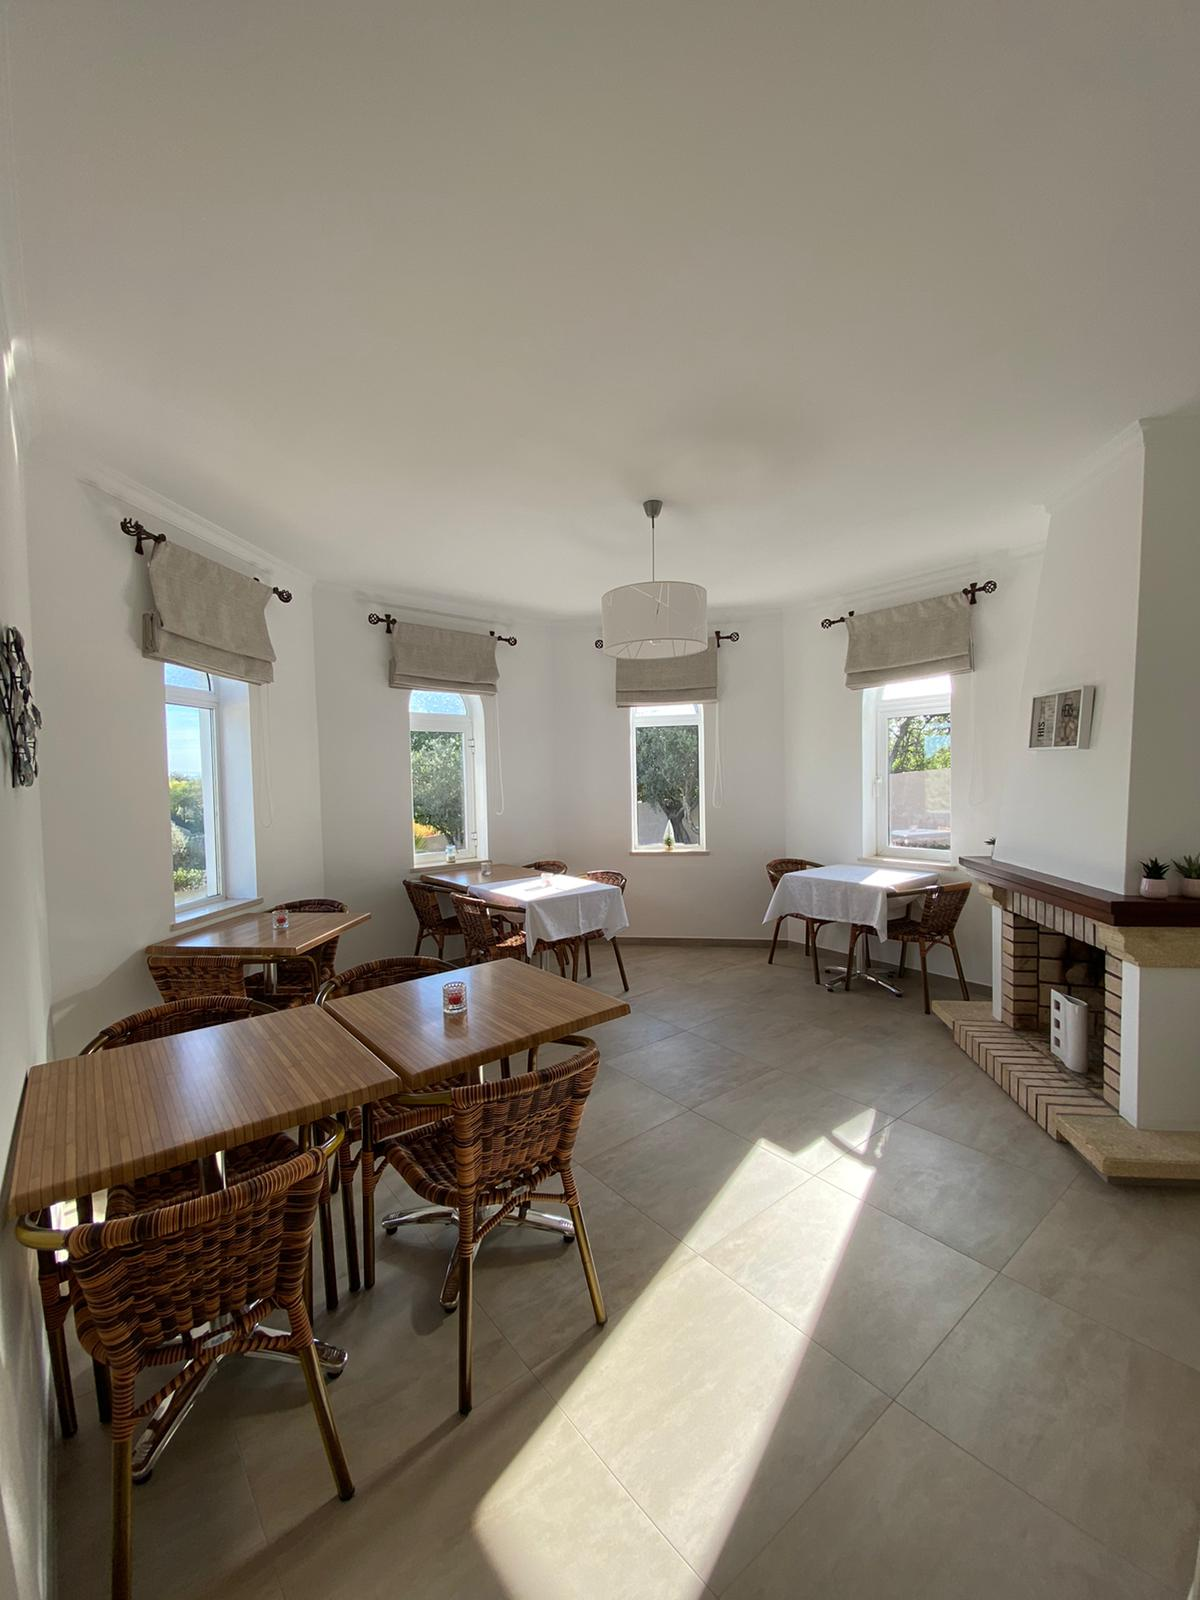 Location appartements et villas de vacance, Villa L'Estaque , chambres d'hôtes à Armação de Pêra, Portugal Algarve, REF_IMG_15648_15660